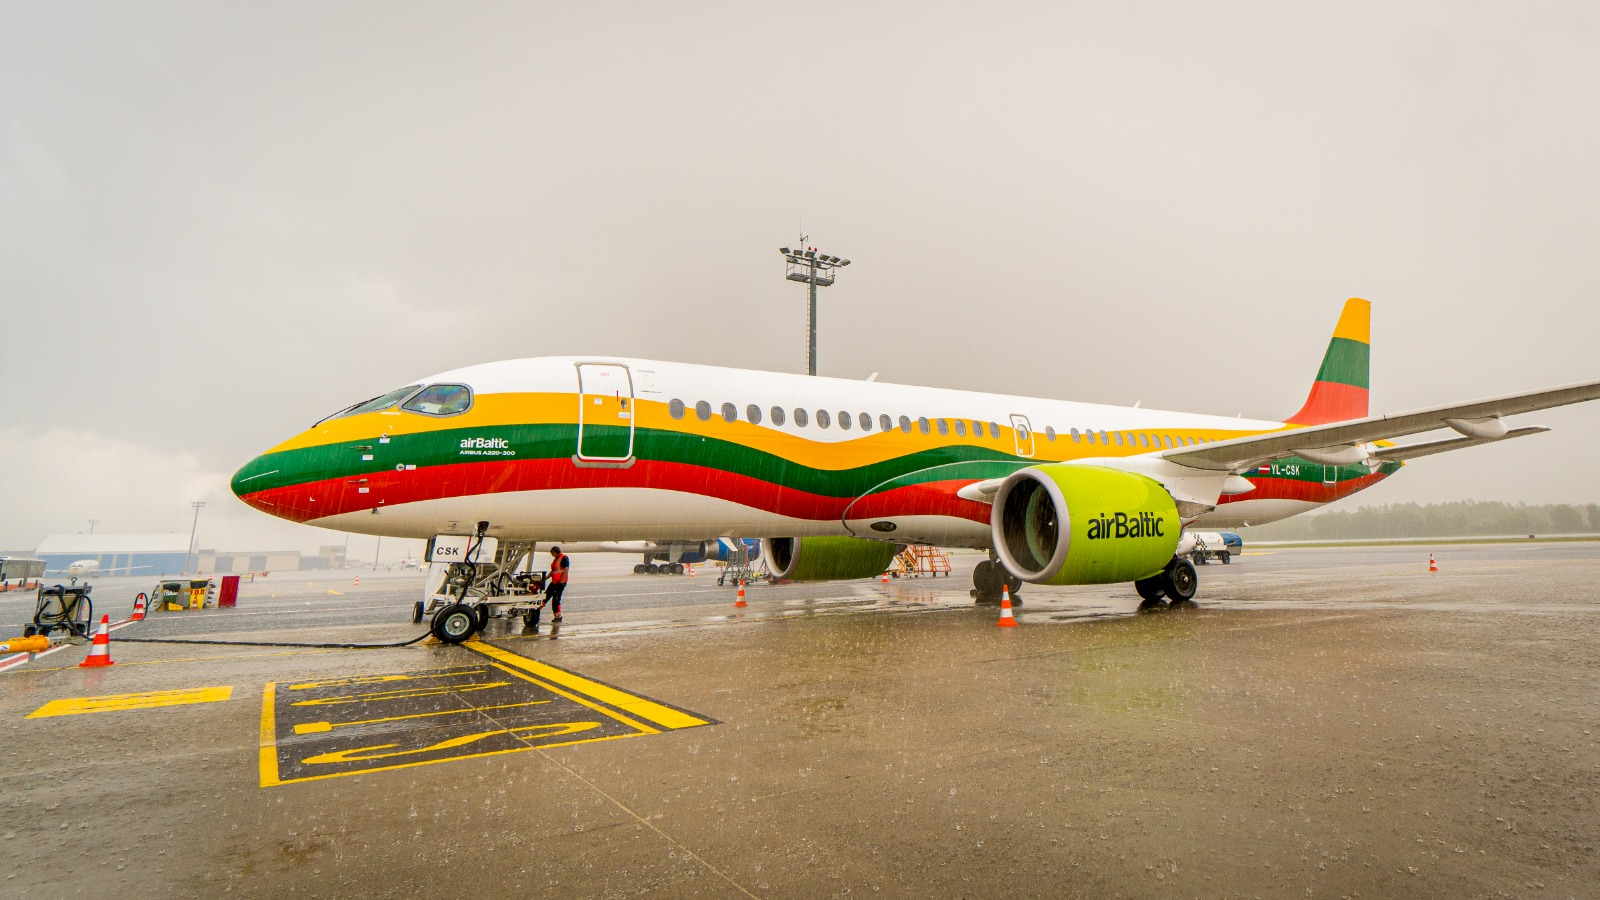 AirBaltic har nu tre fly i flåden med hver sin national-bemaling fra de tre baltiske lande, Estland, Letland og Litauen. Her det seneste fly i samlingen, en Airbus A220-300 i de litauiske farver. Pressefoto fra AirBaltic.